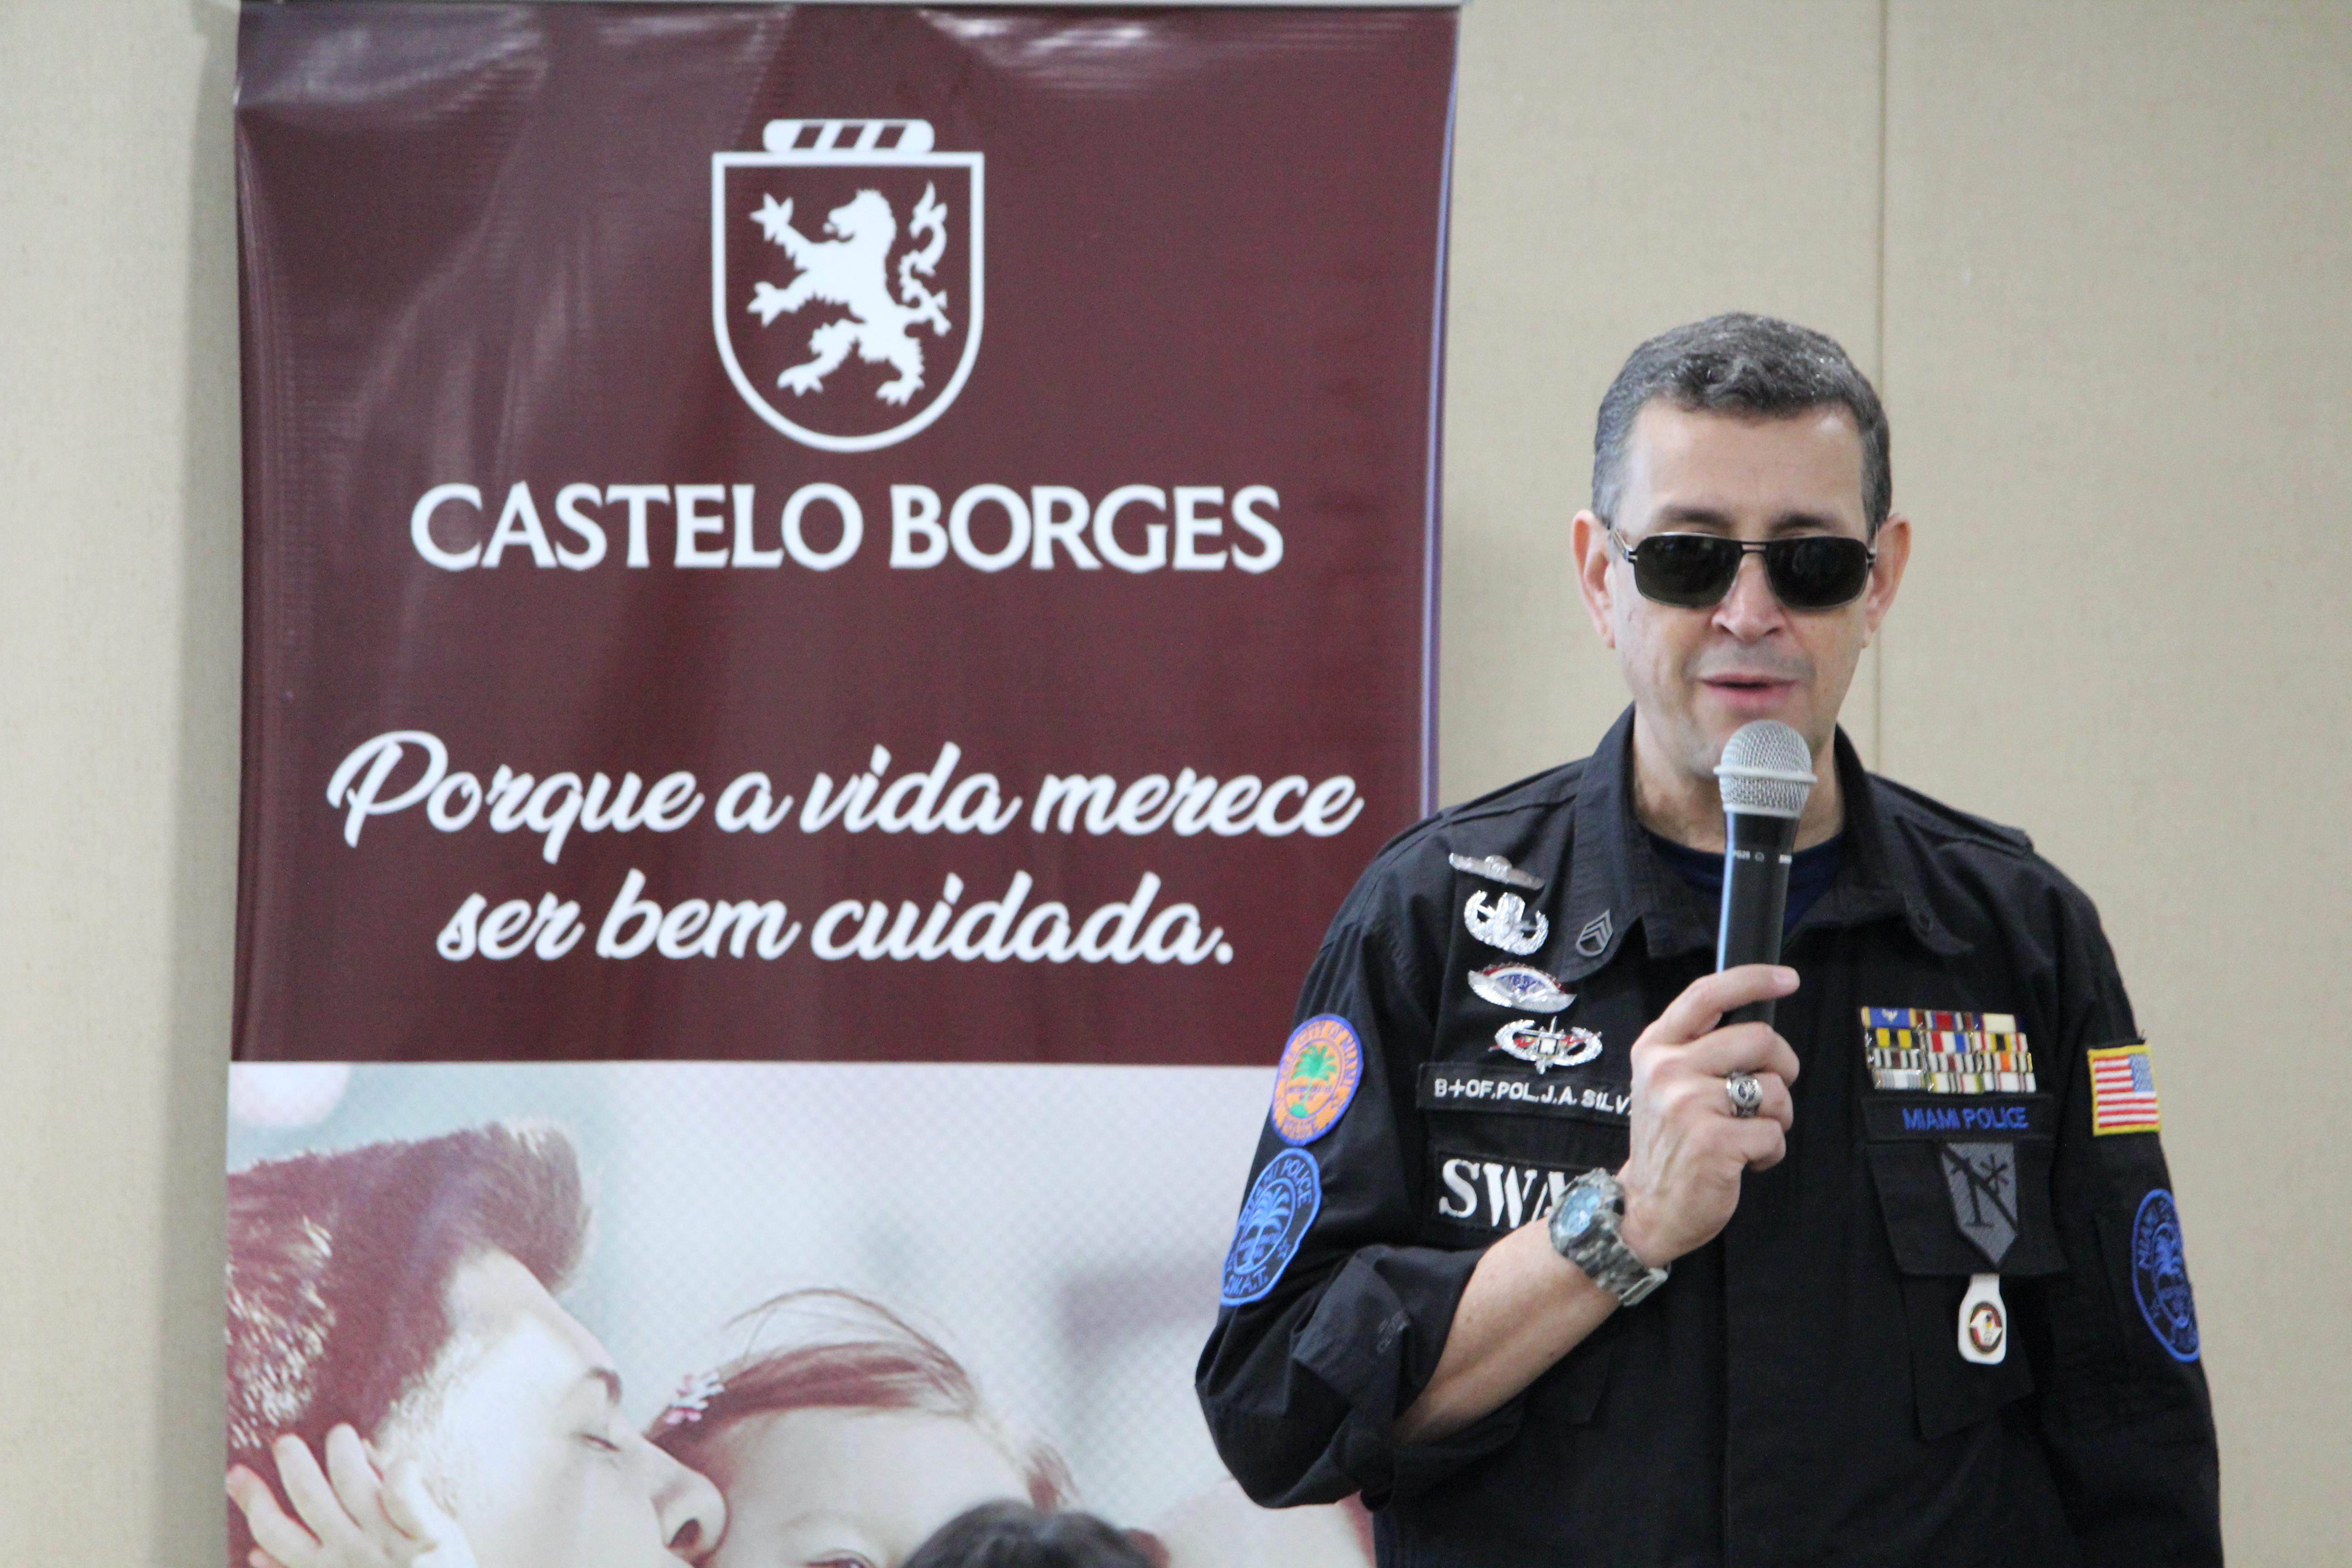 Castelo Borges realiza palestras para colaboradores até a próxima sexta (26)